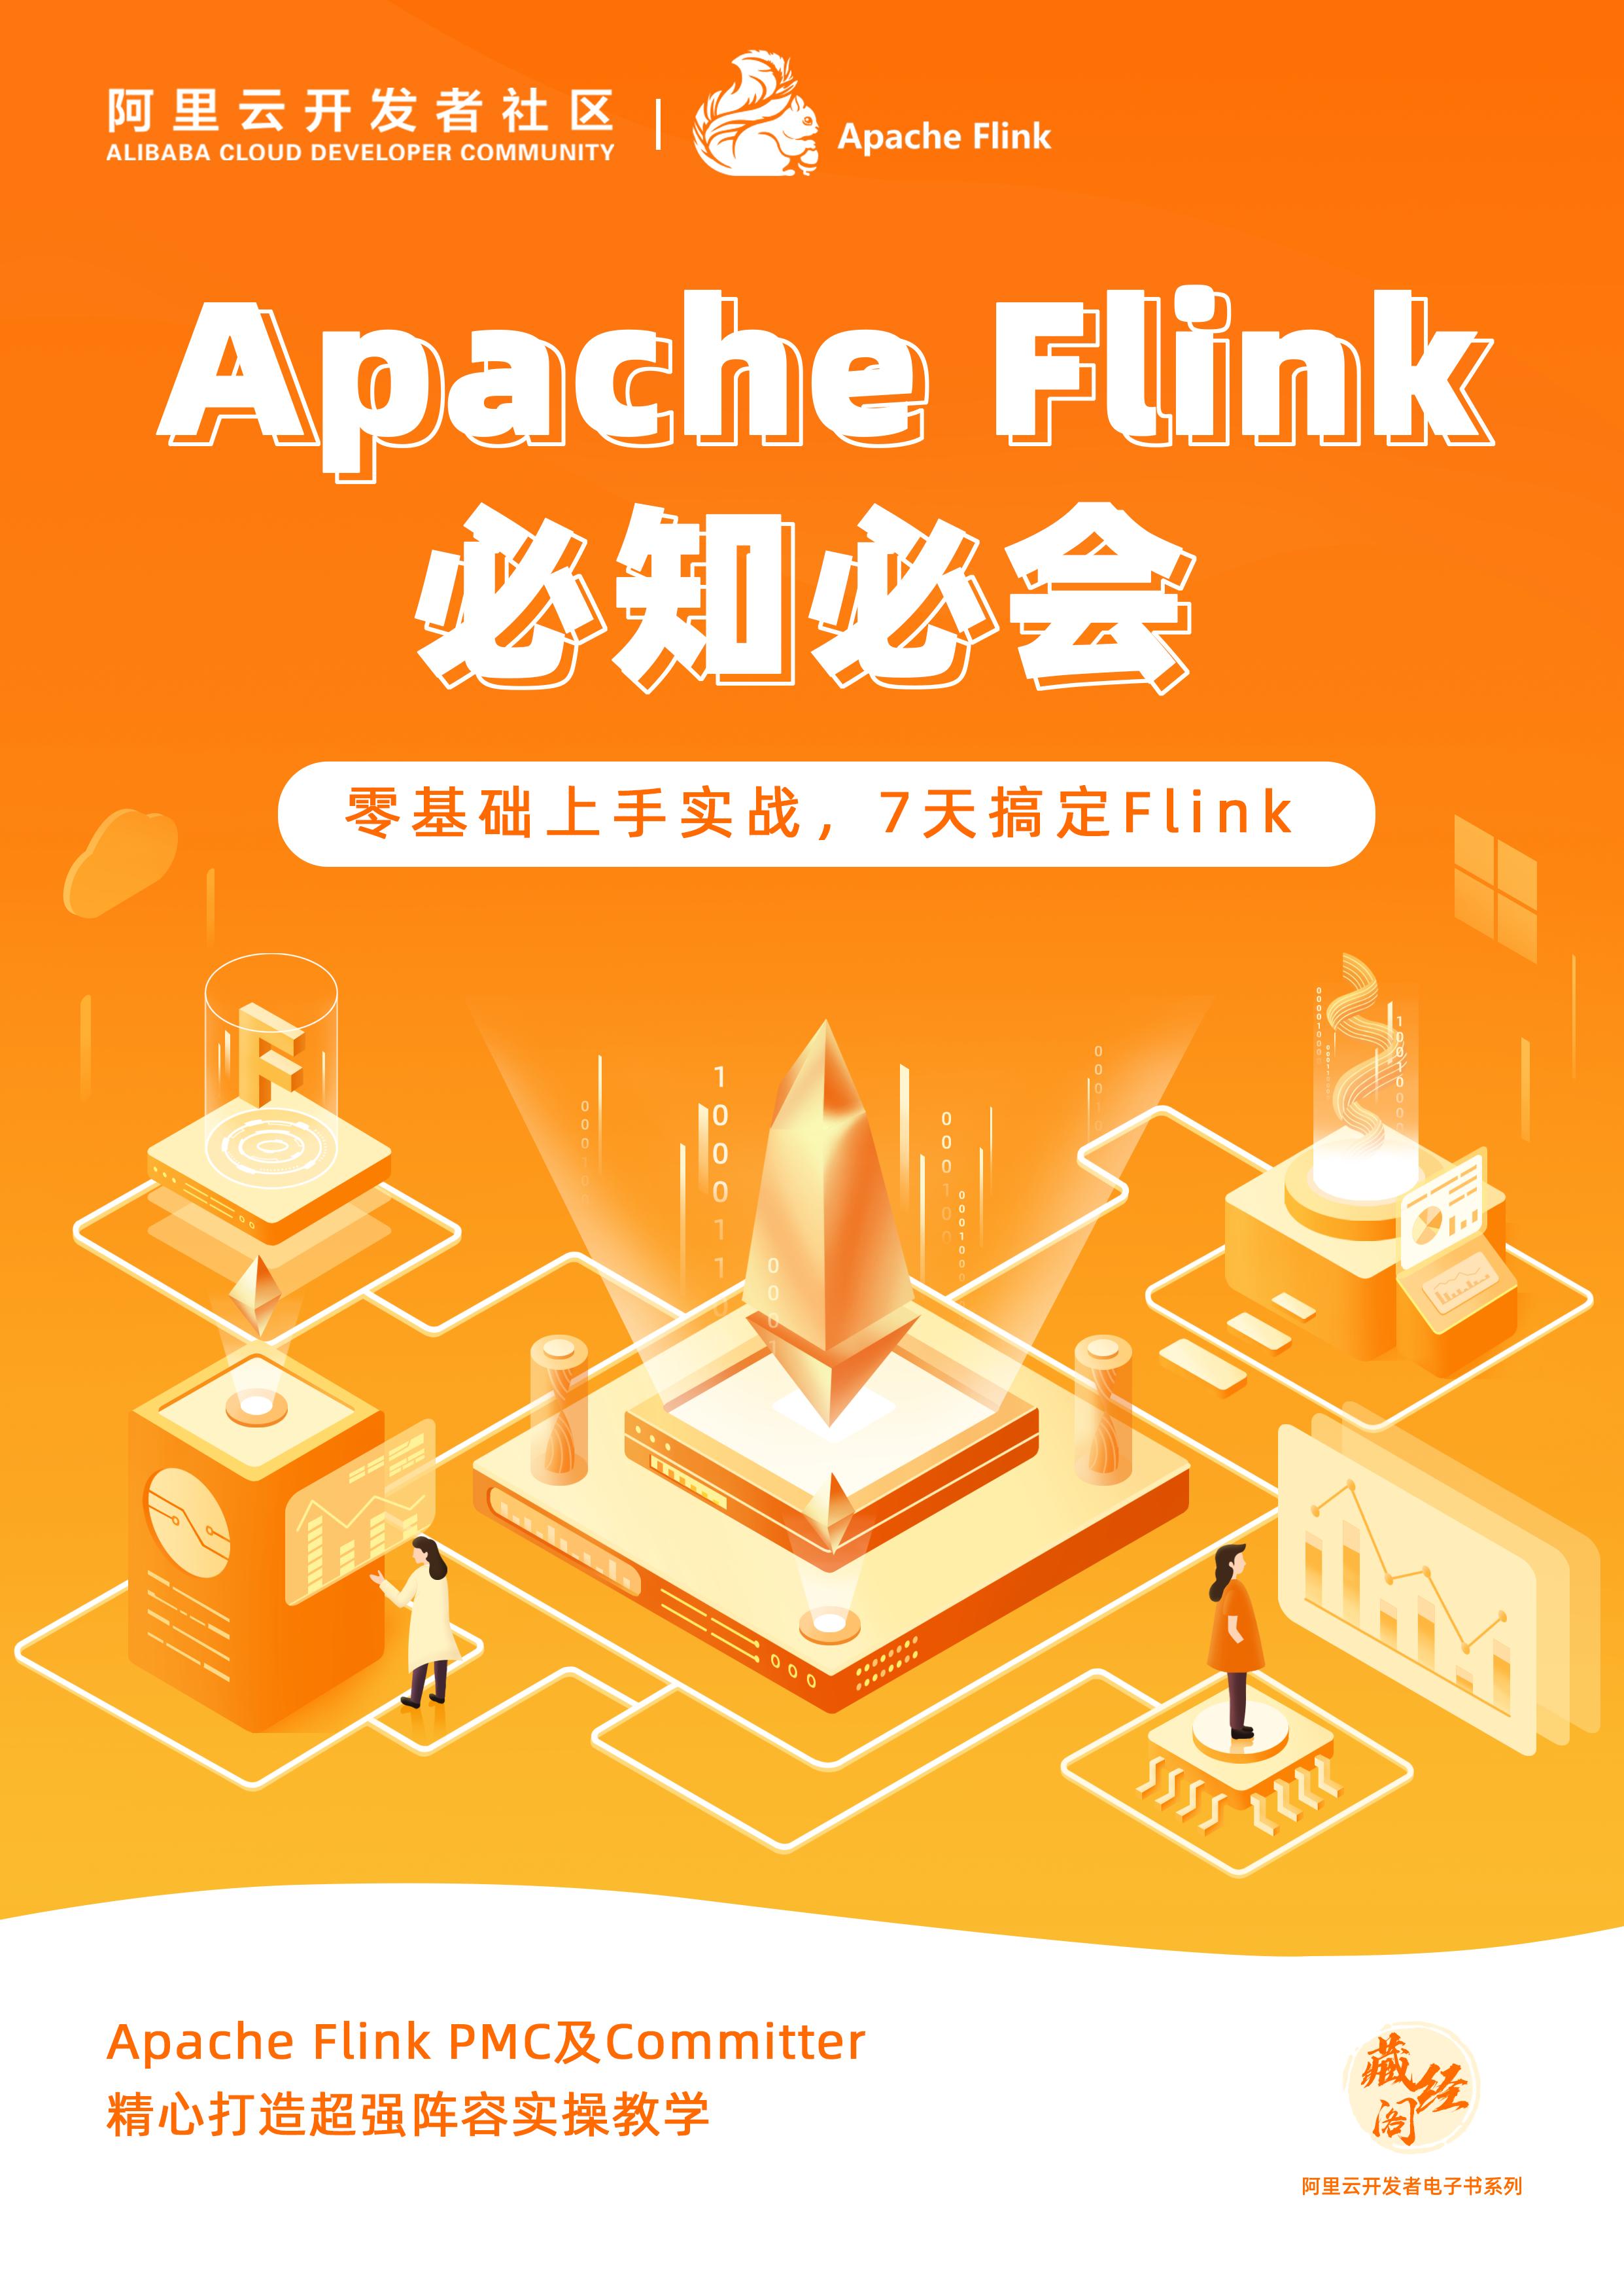 免费下载!Apache Flink 必知必会8讲, 轻松收获 Flink 生产环境开发技能